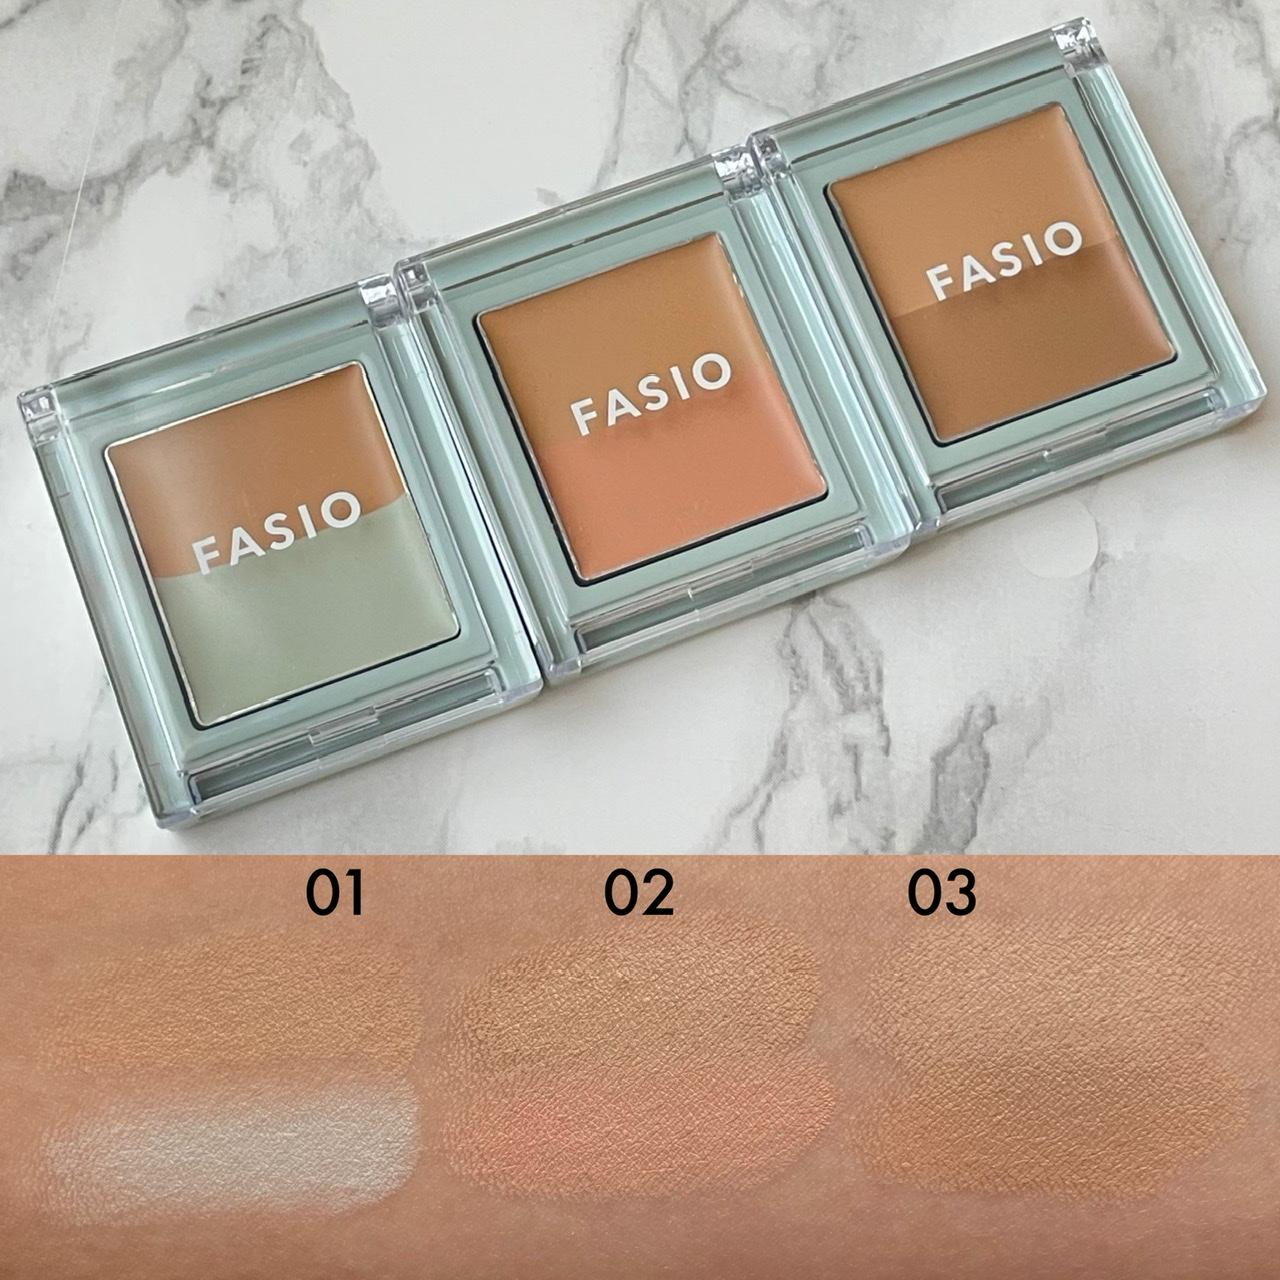 FASIO「ファシオ エアリーステイ コンシーラー」3種